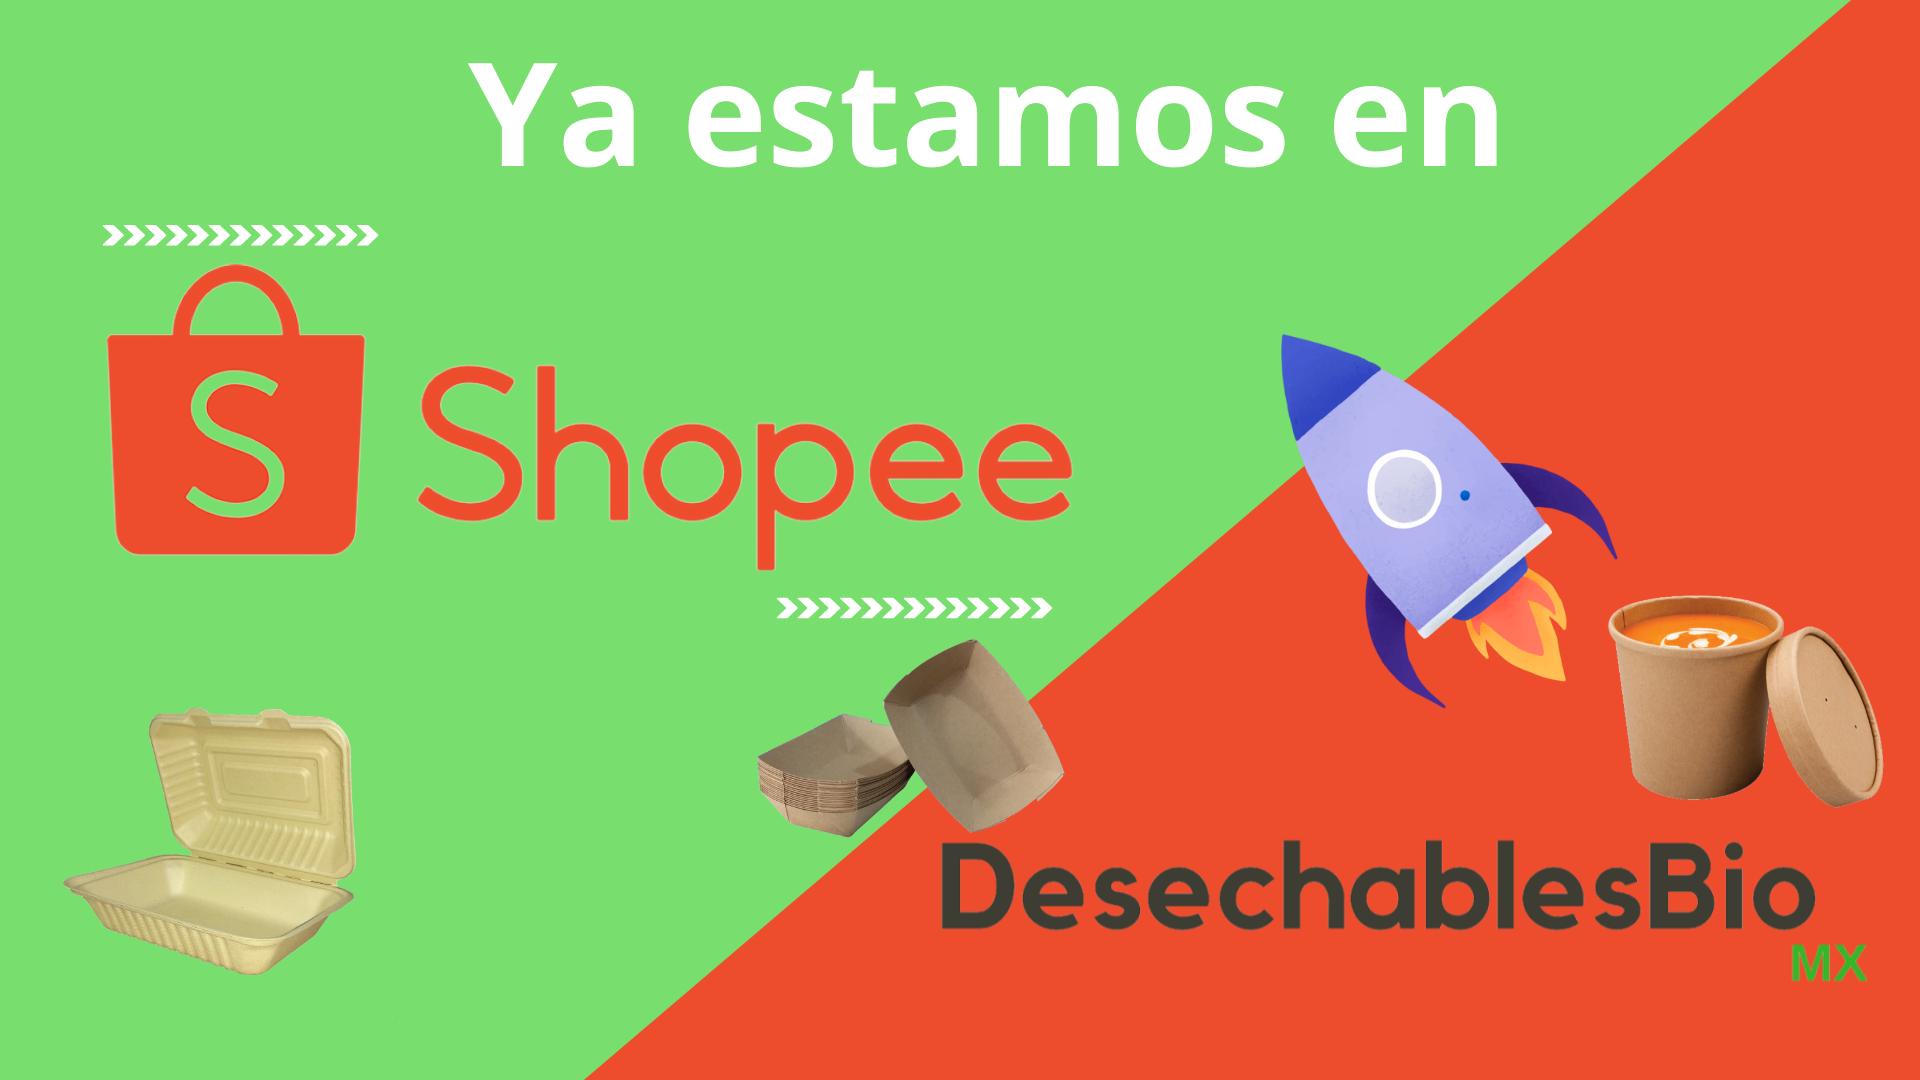 Desechables Bio México | Desechables Biodegradables 100% 25